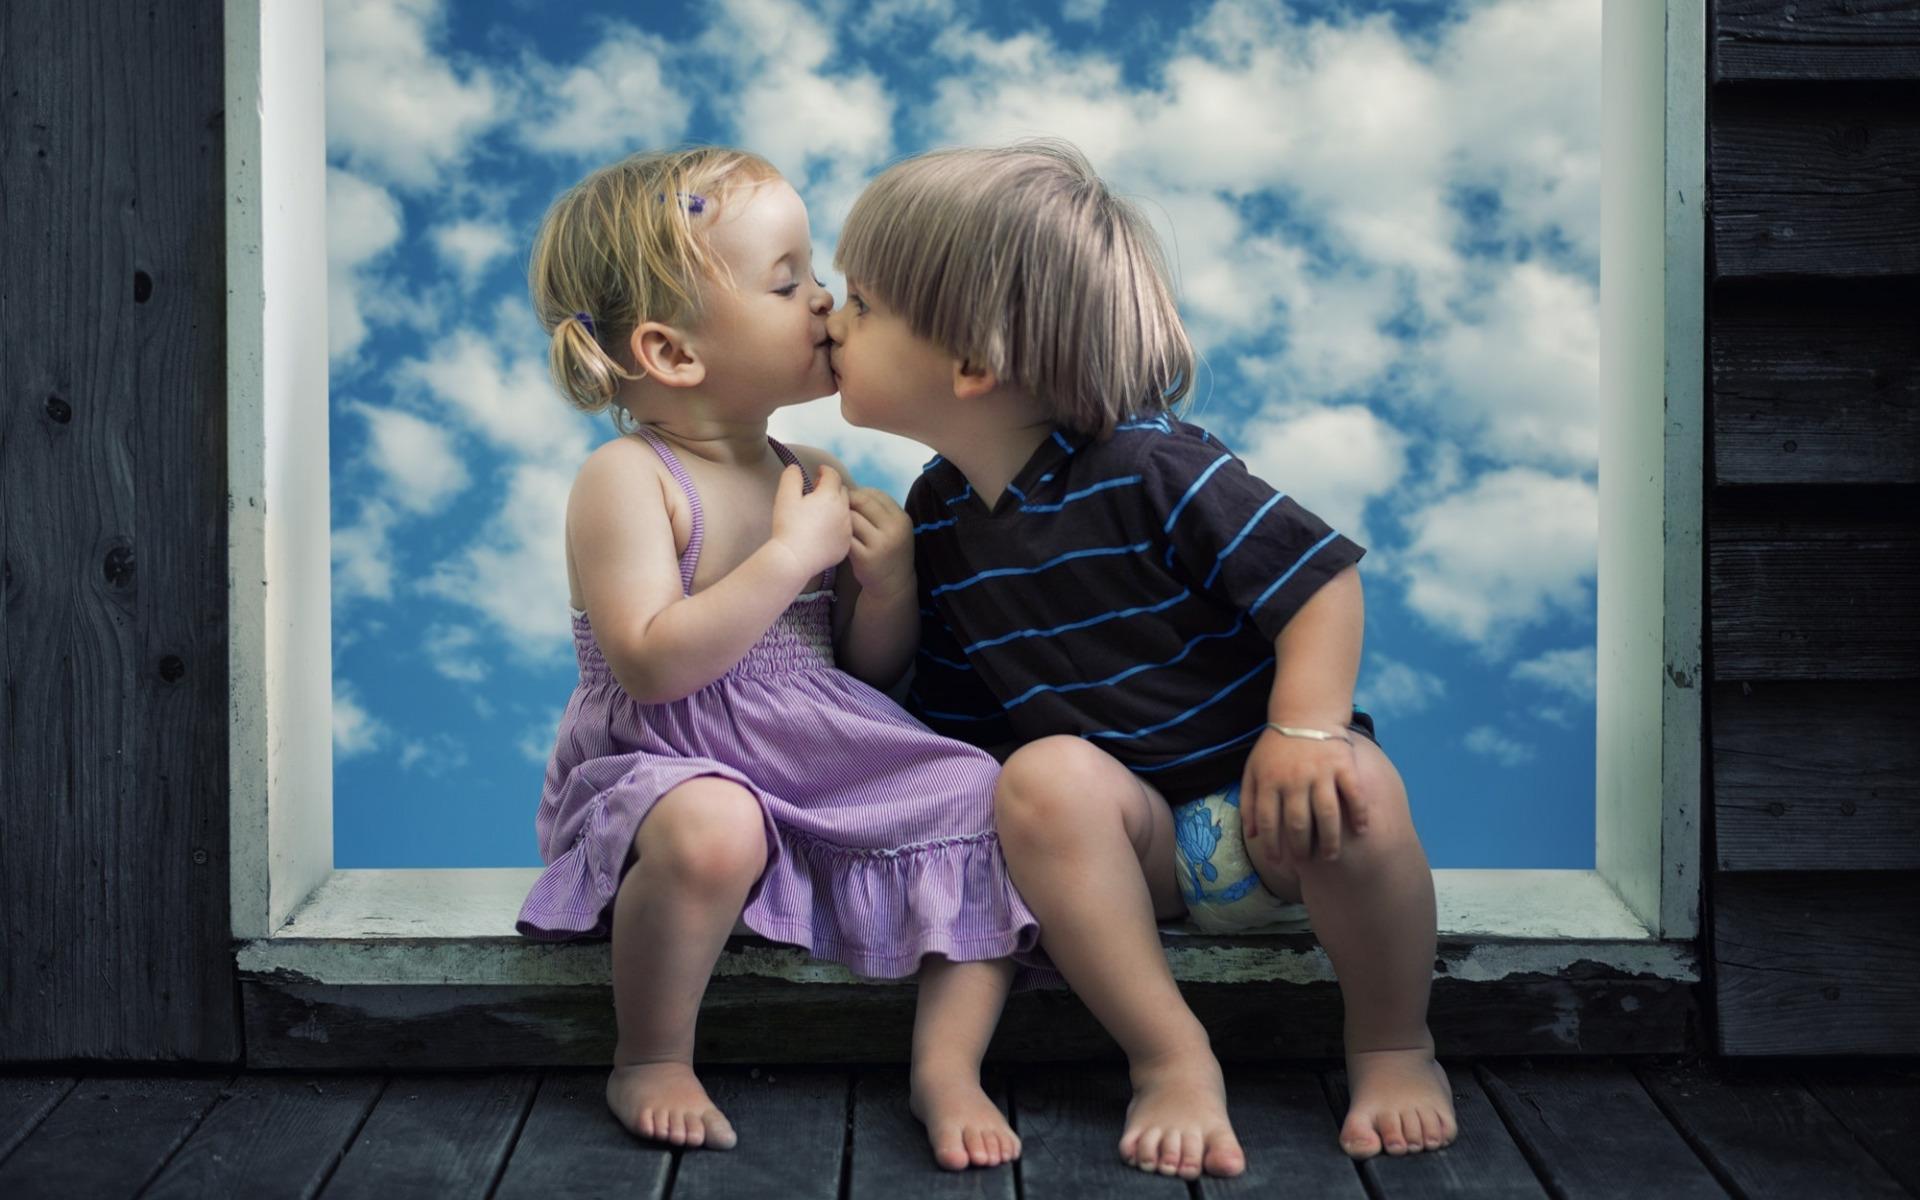 Фото мальчика и девушка, Boy And Girl Love Фото со стоков и изображения 17 фотография